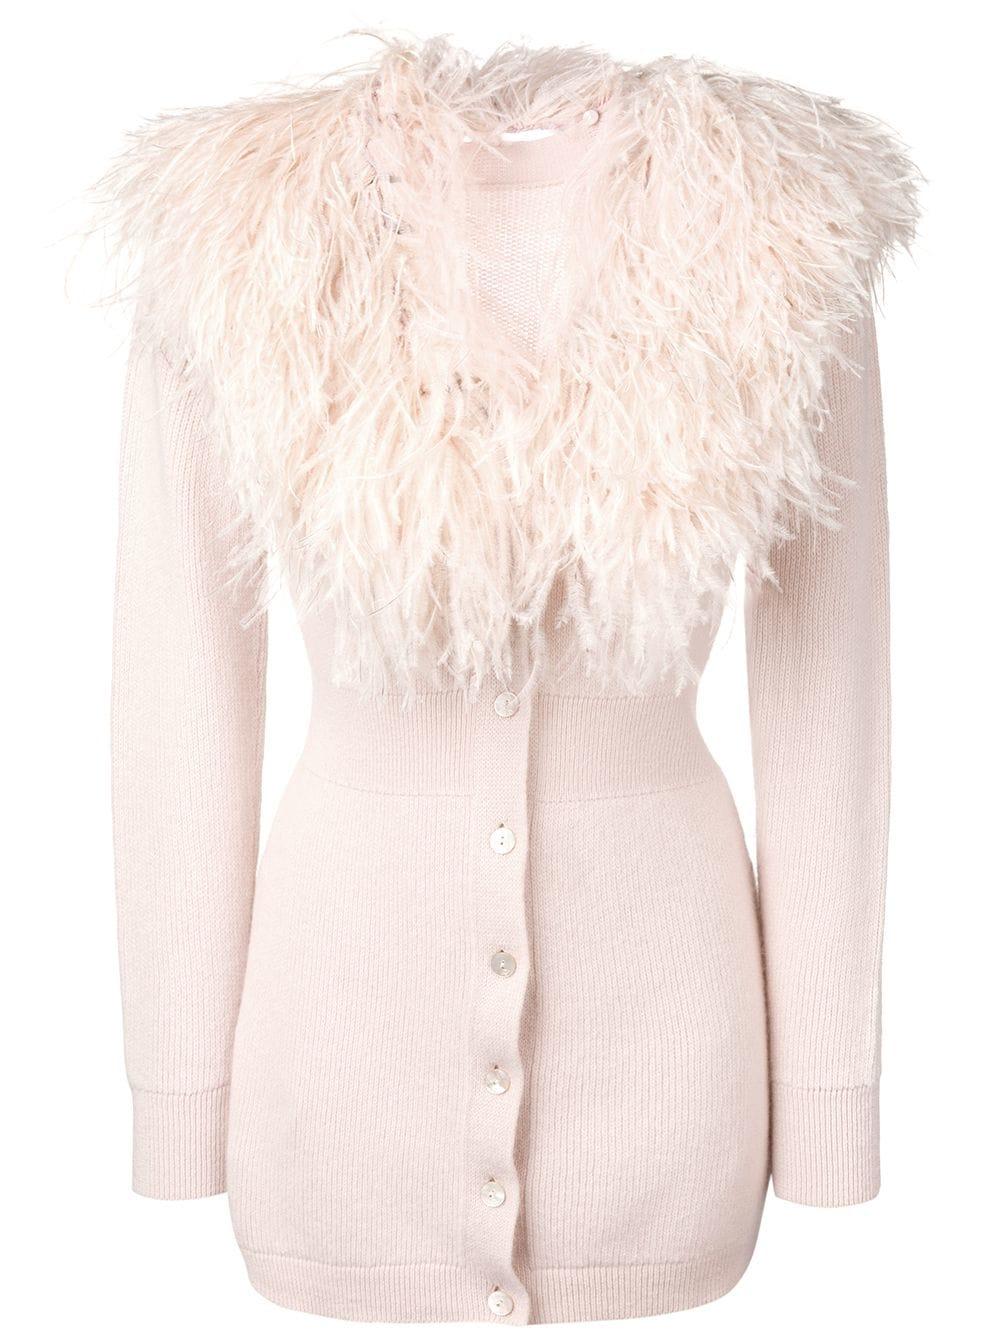 2. Blumarine Ostrich Feather Cardigan $2,080 from www.farfetch.com